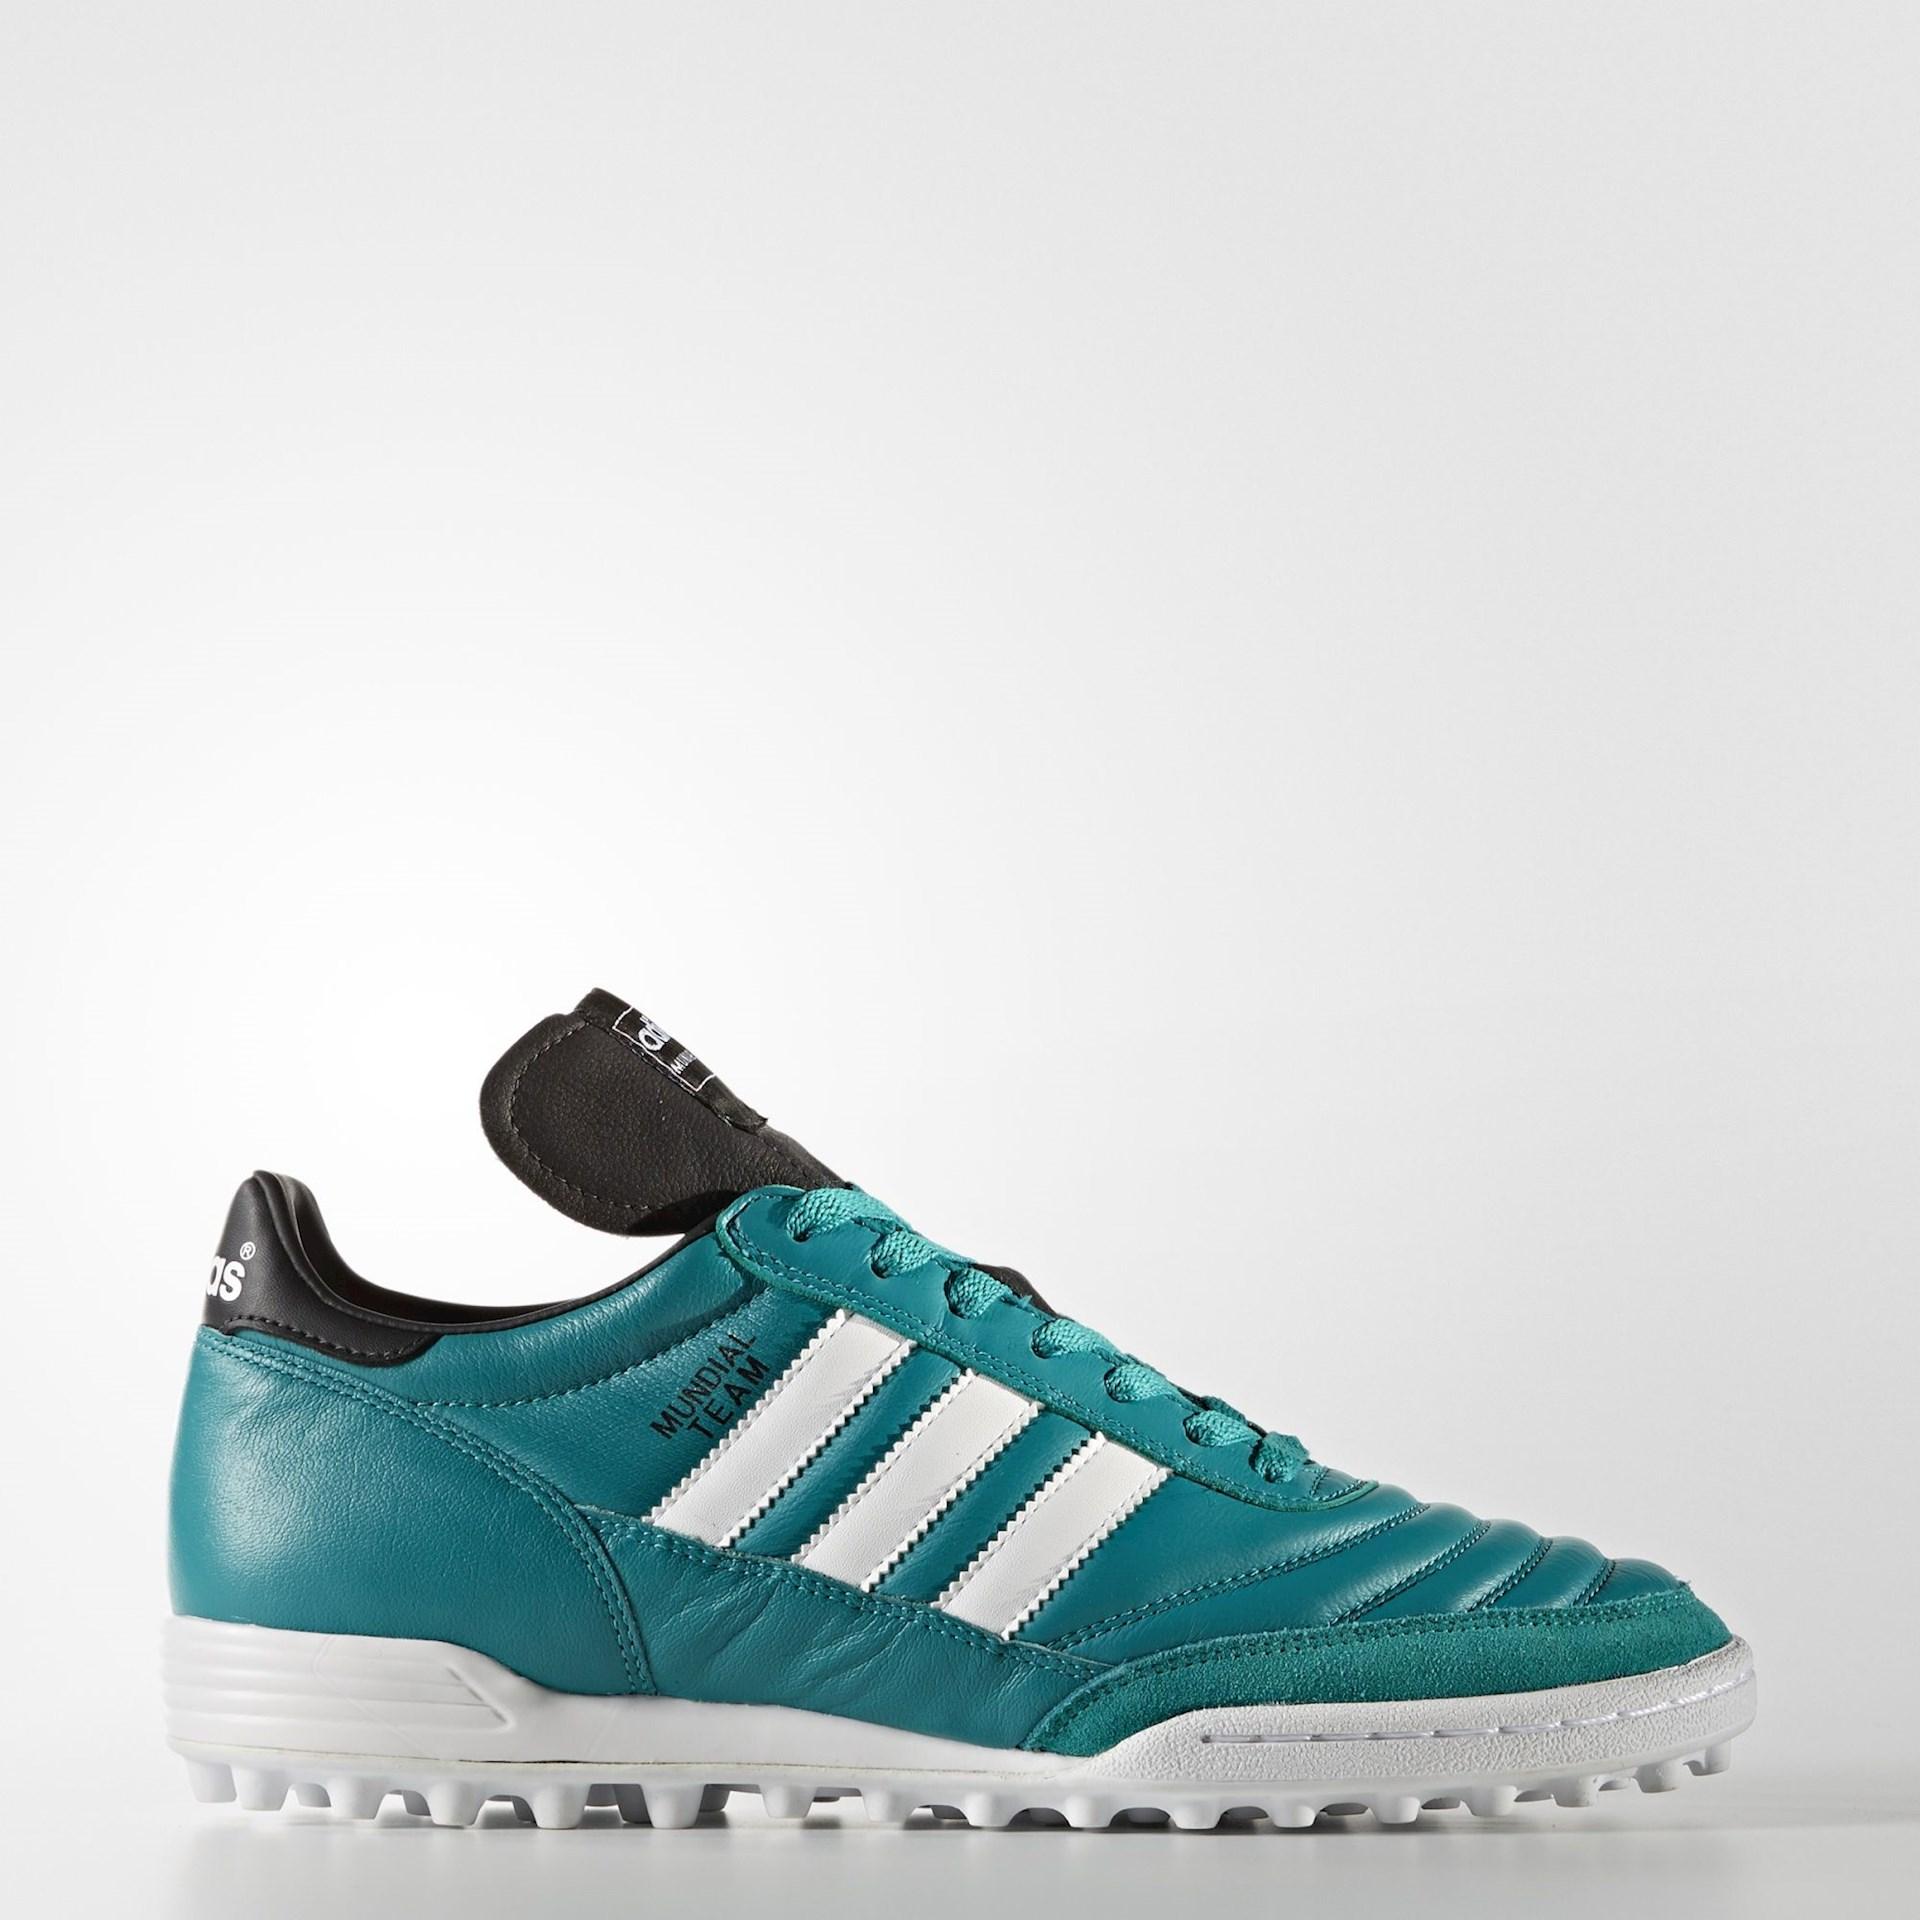 Adidas Turf schoenen goedkope koop   Turf Schoenen voor